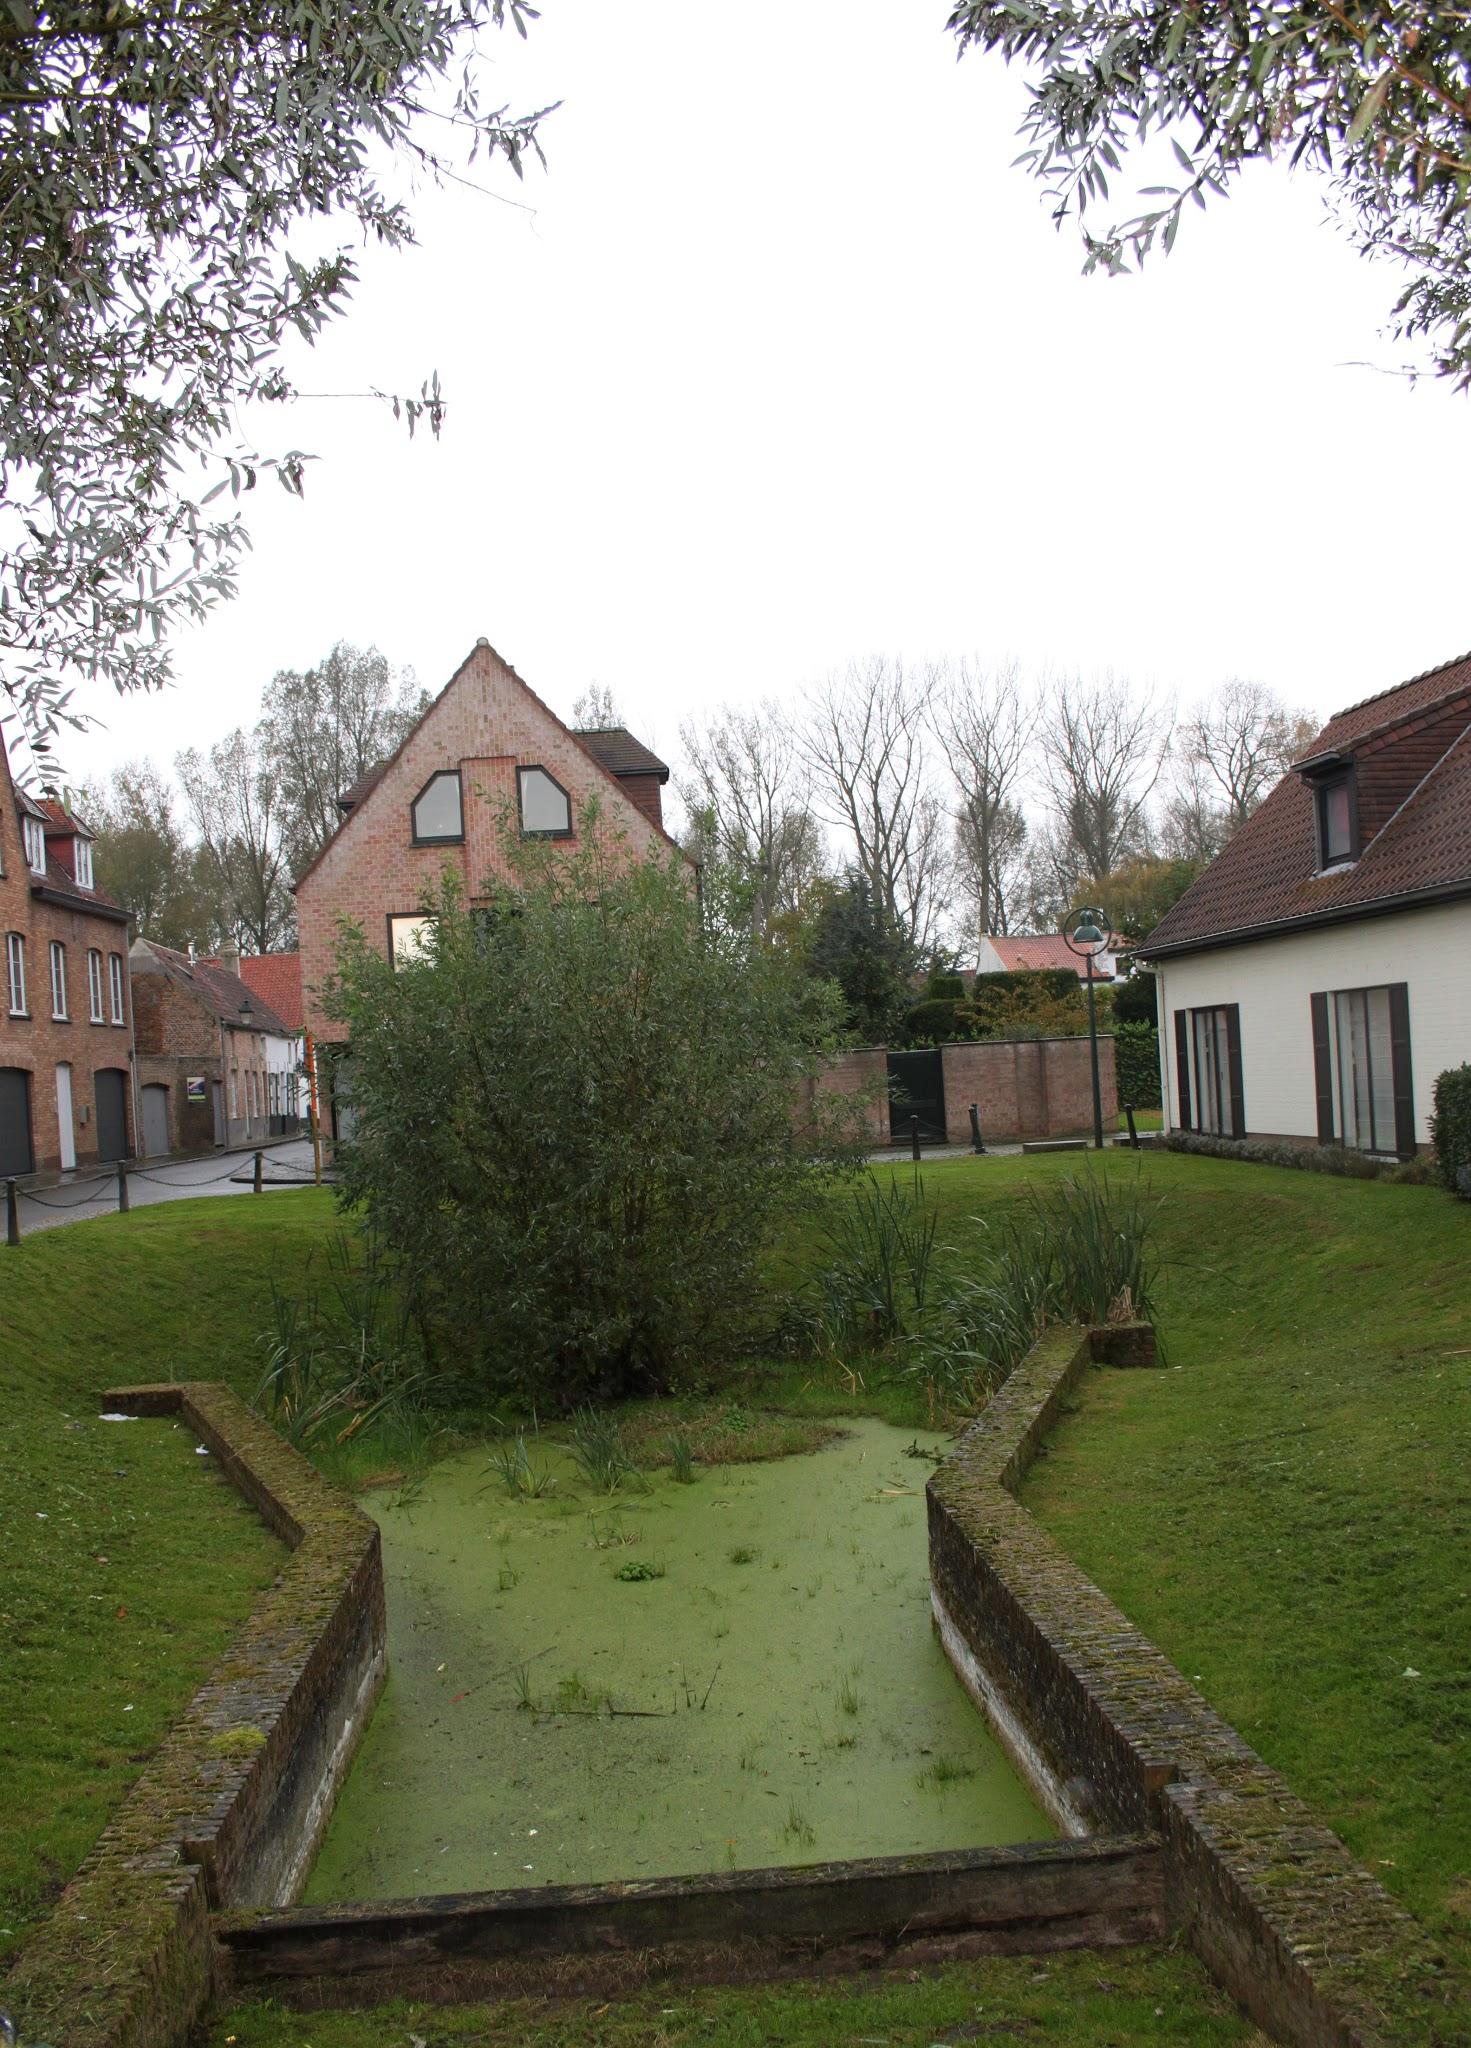 Photo: Bij opgravingen in 1969 legde men een gedeelte van het sas en een stuk kaaimuur bloot van de Lieve, het vroegere kanaal tussen Gent en Damme. Boten mochten max. 4,5 m lang, 2,4 m breed zijn en een diepgang van 90 cm hebben.